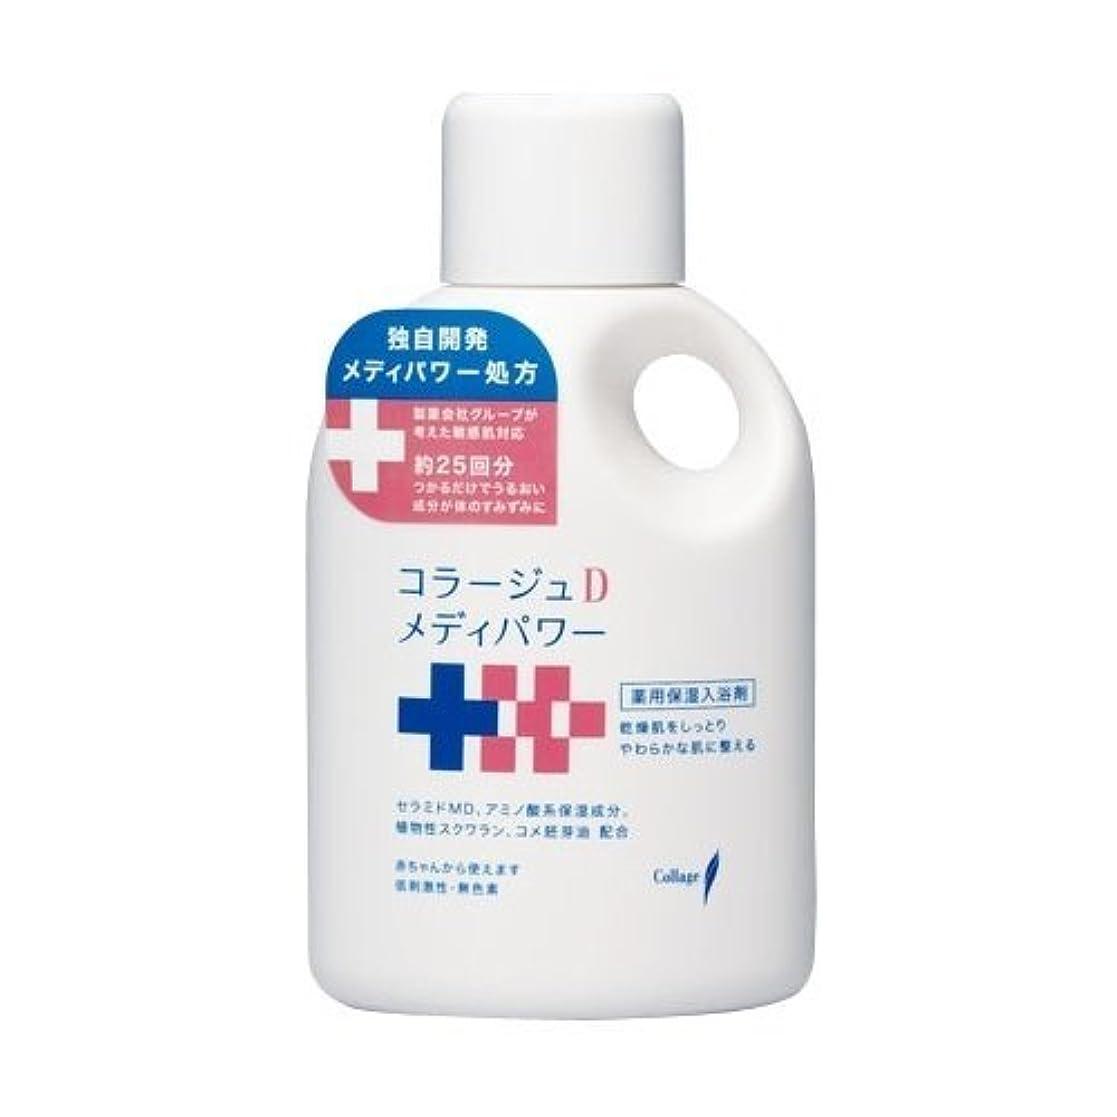 観光ギャラリー十コラージュ Dメディパワー 保湿入浴剤 500mL (医薬部外品)